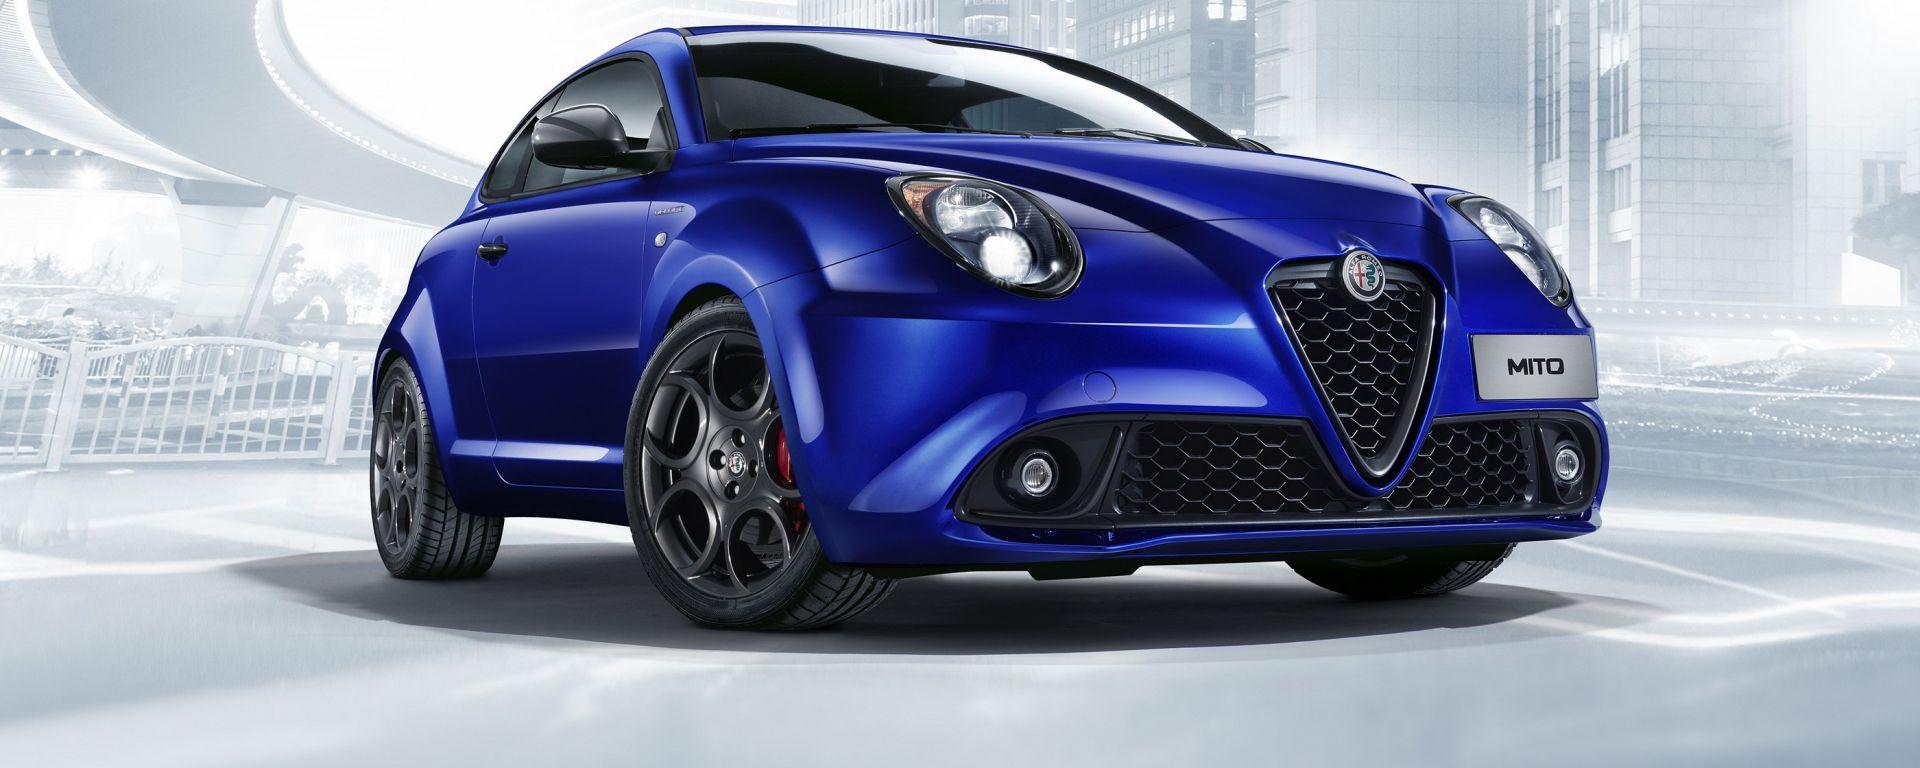 L'Alfa Romeo MiTo esce di produzione a luglio: ecco gli sconti